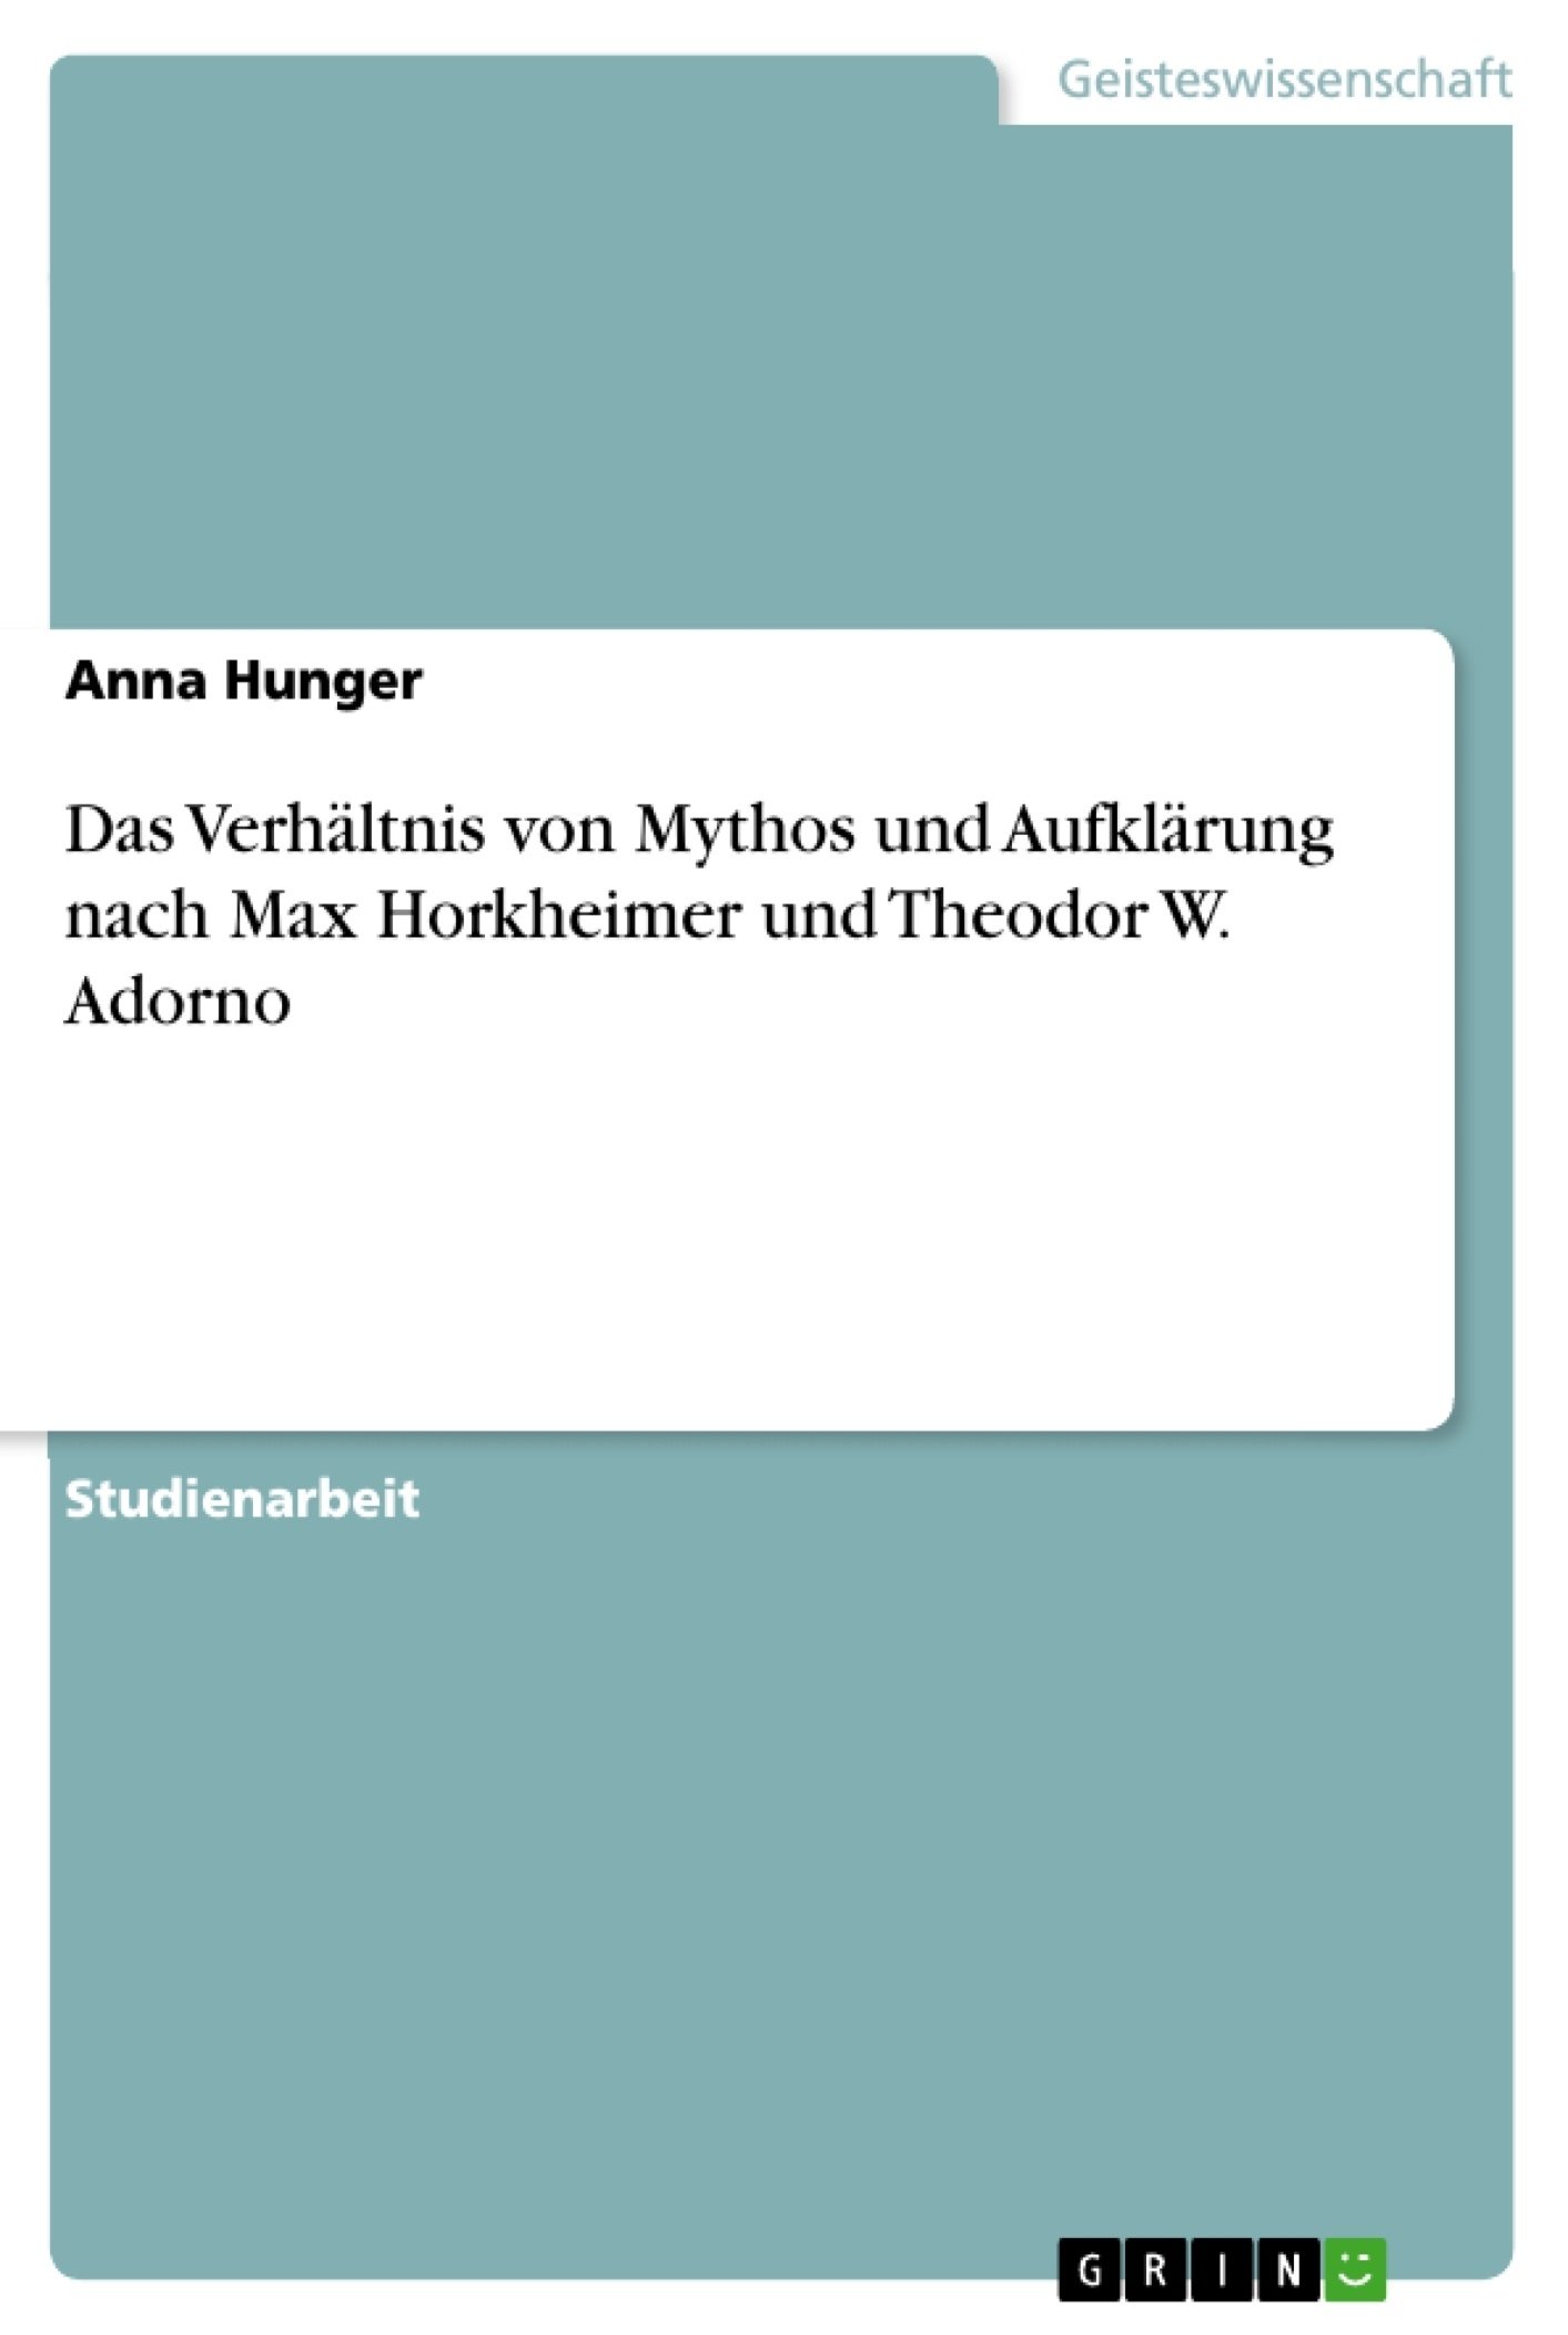 Titel: Das Verhältnis von Mythos und Aufklärung nach Max Horkheimer und Theodor W. Adorno